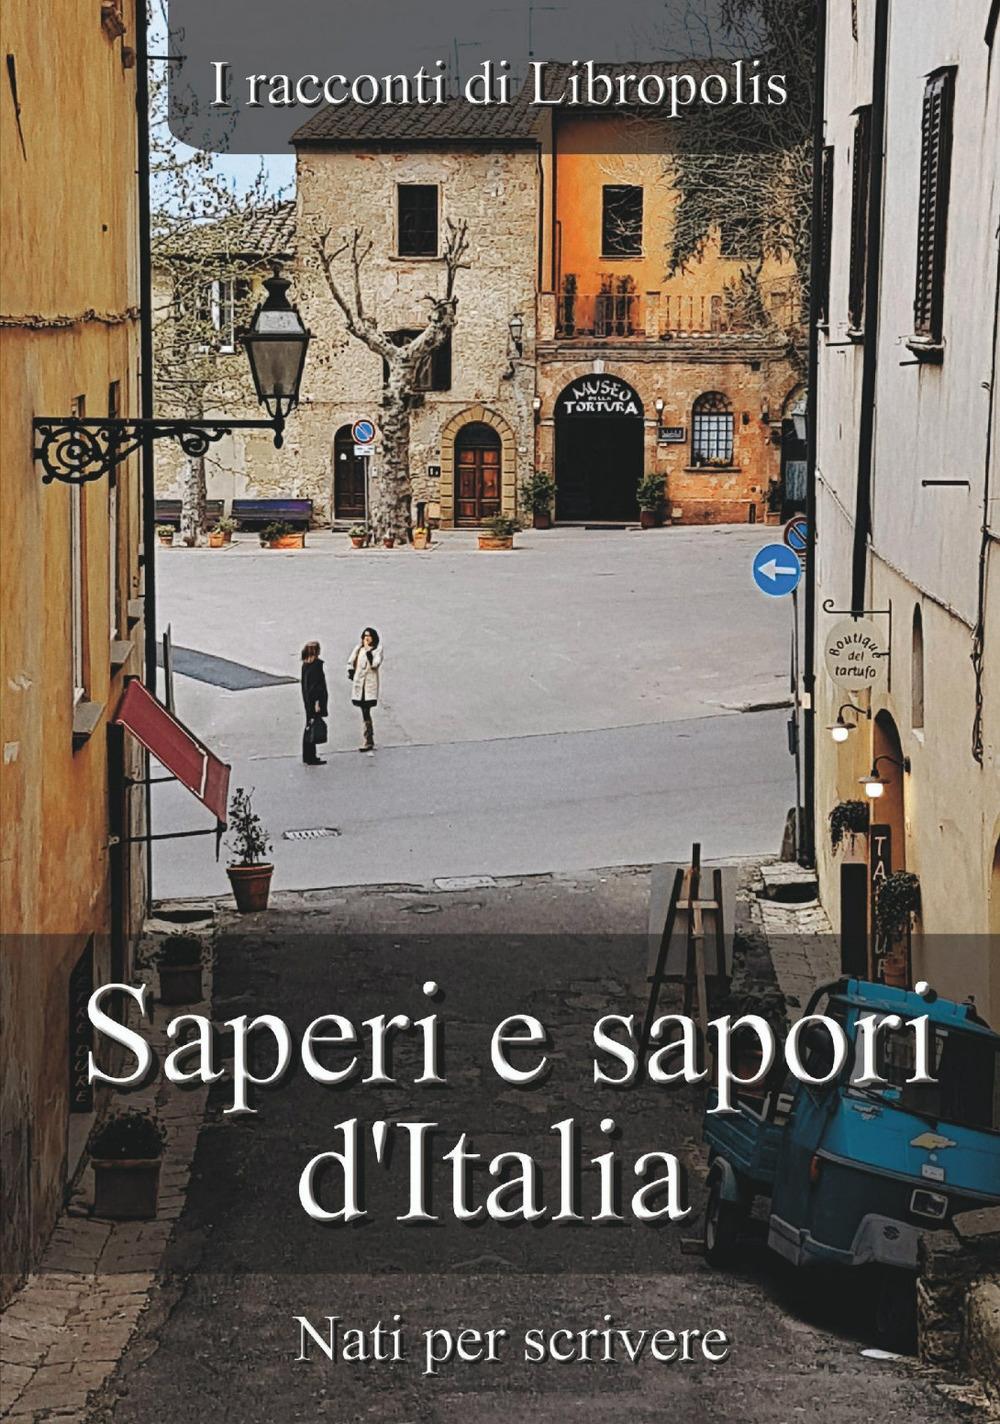 Saperi e sapori d'Italia. I racconti di Libropolis